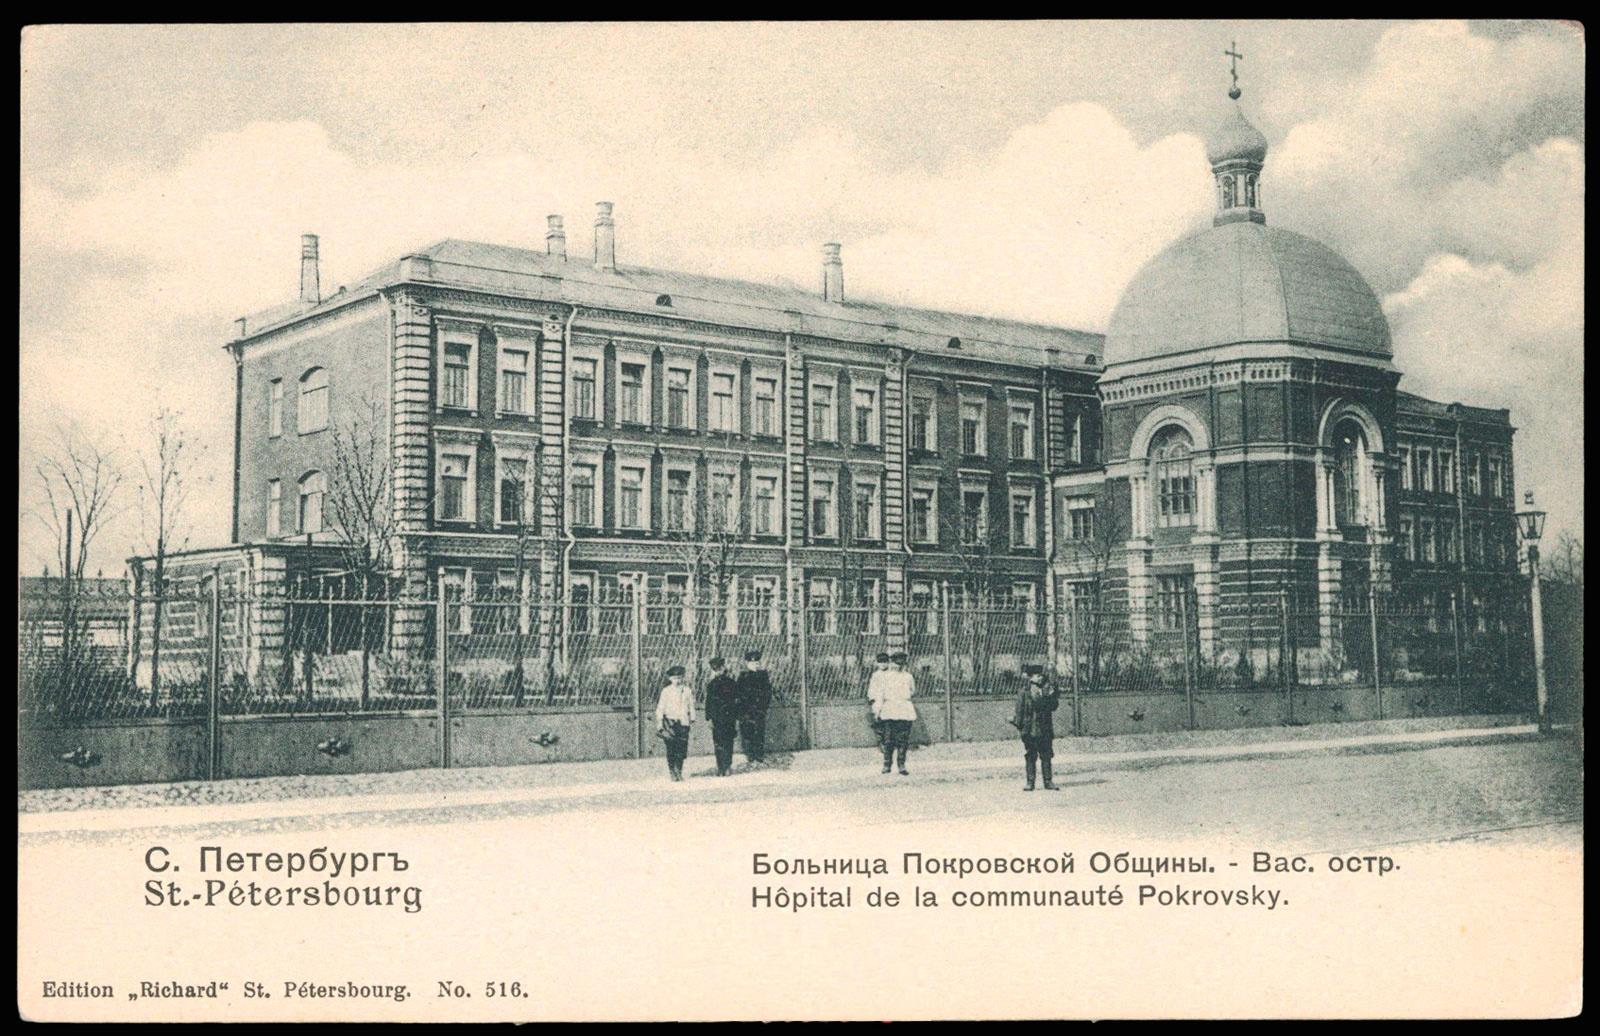 Больница Покровской общины